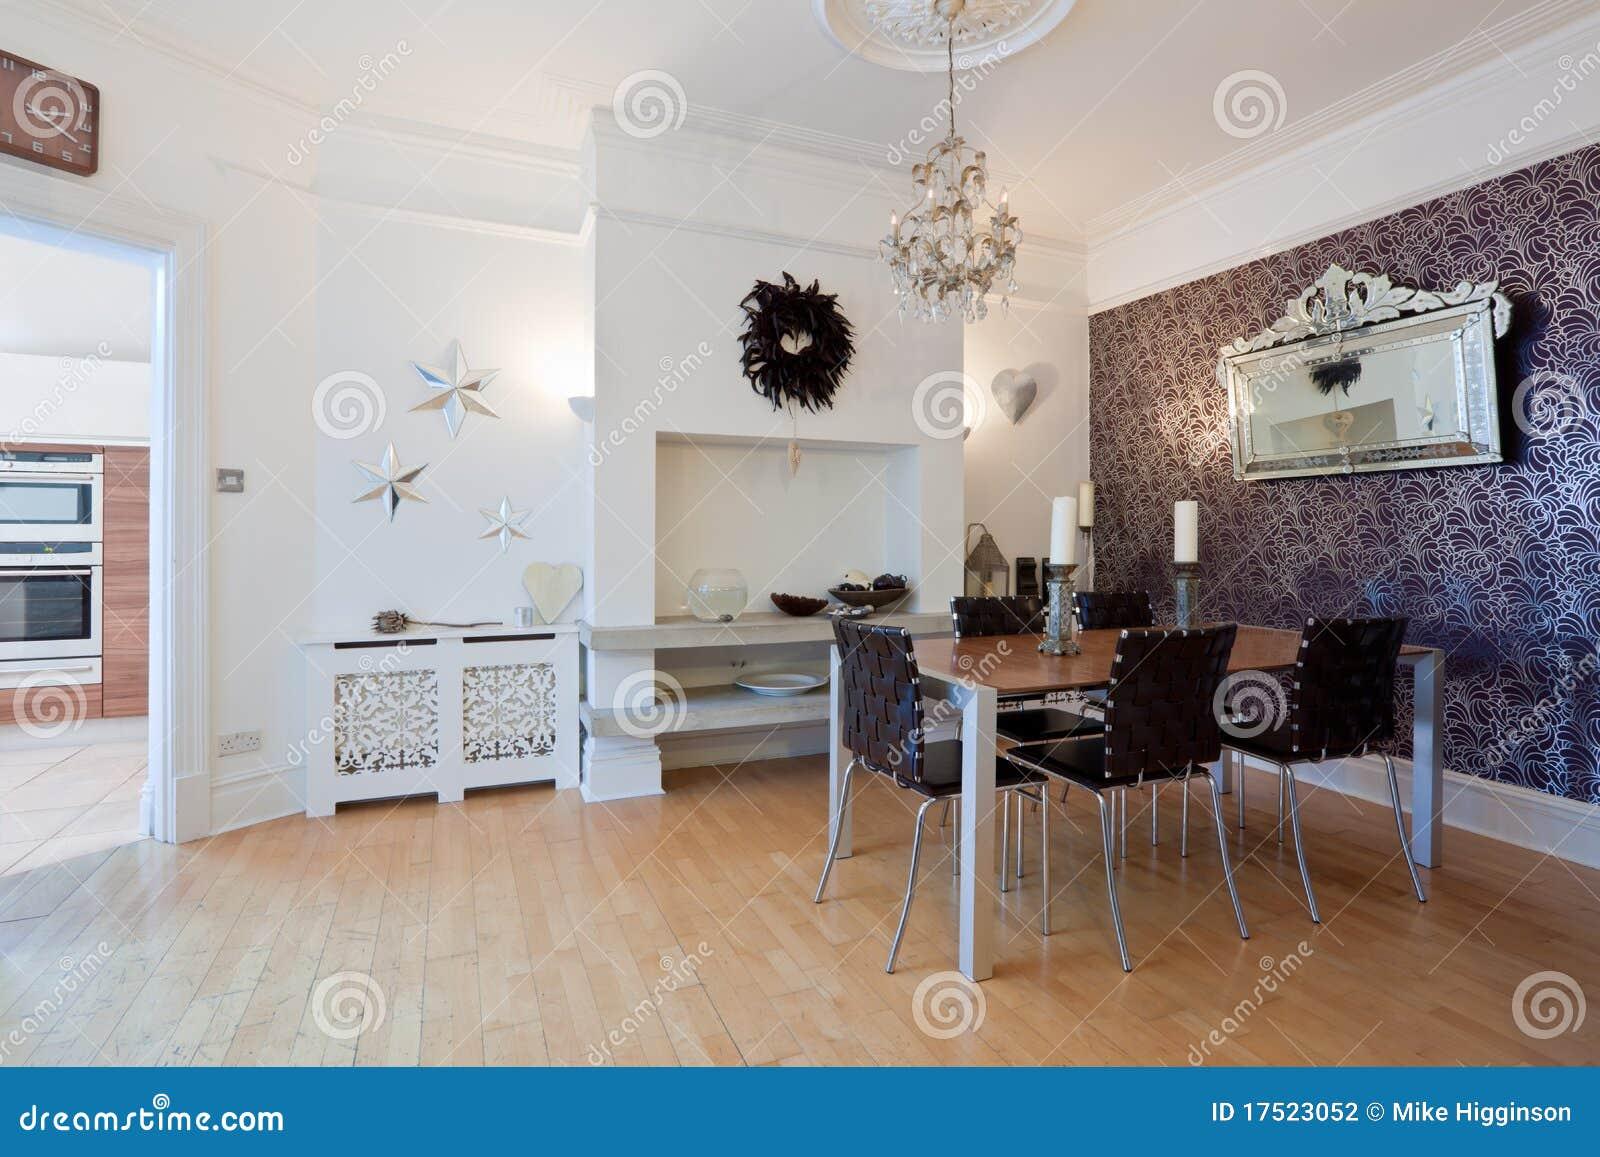 Modieuze moderne eetkamer stock fotografie afbeelding 17523052 - Moderne eetkamerstoel eetkamer ...